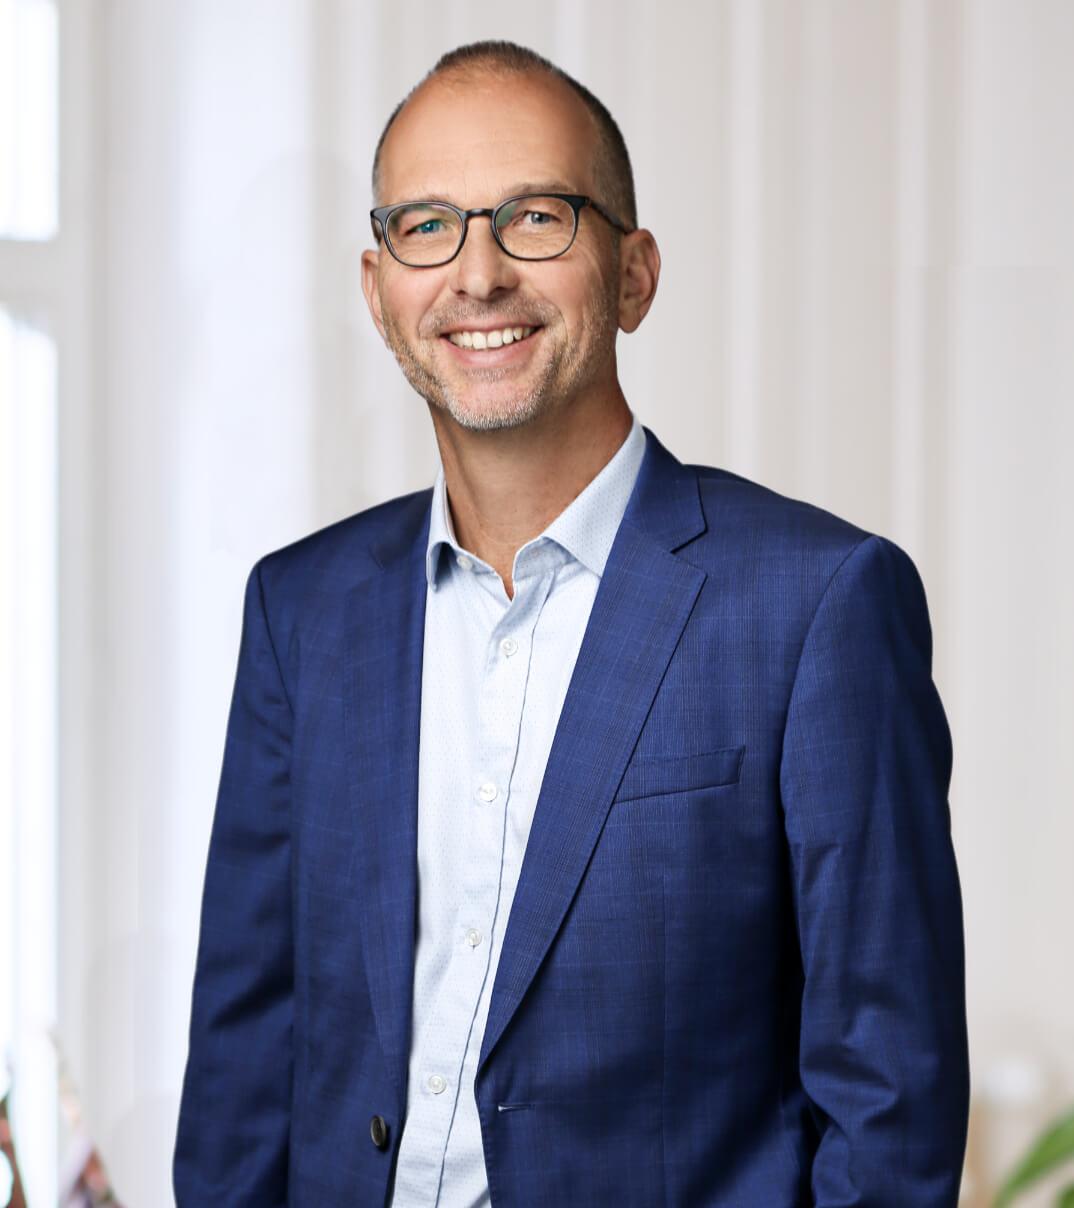 Jochen Ganz